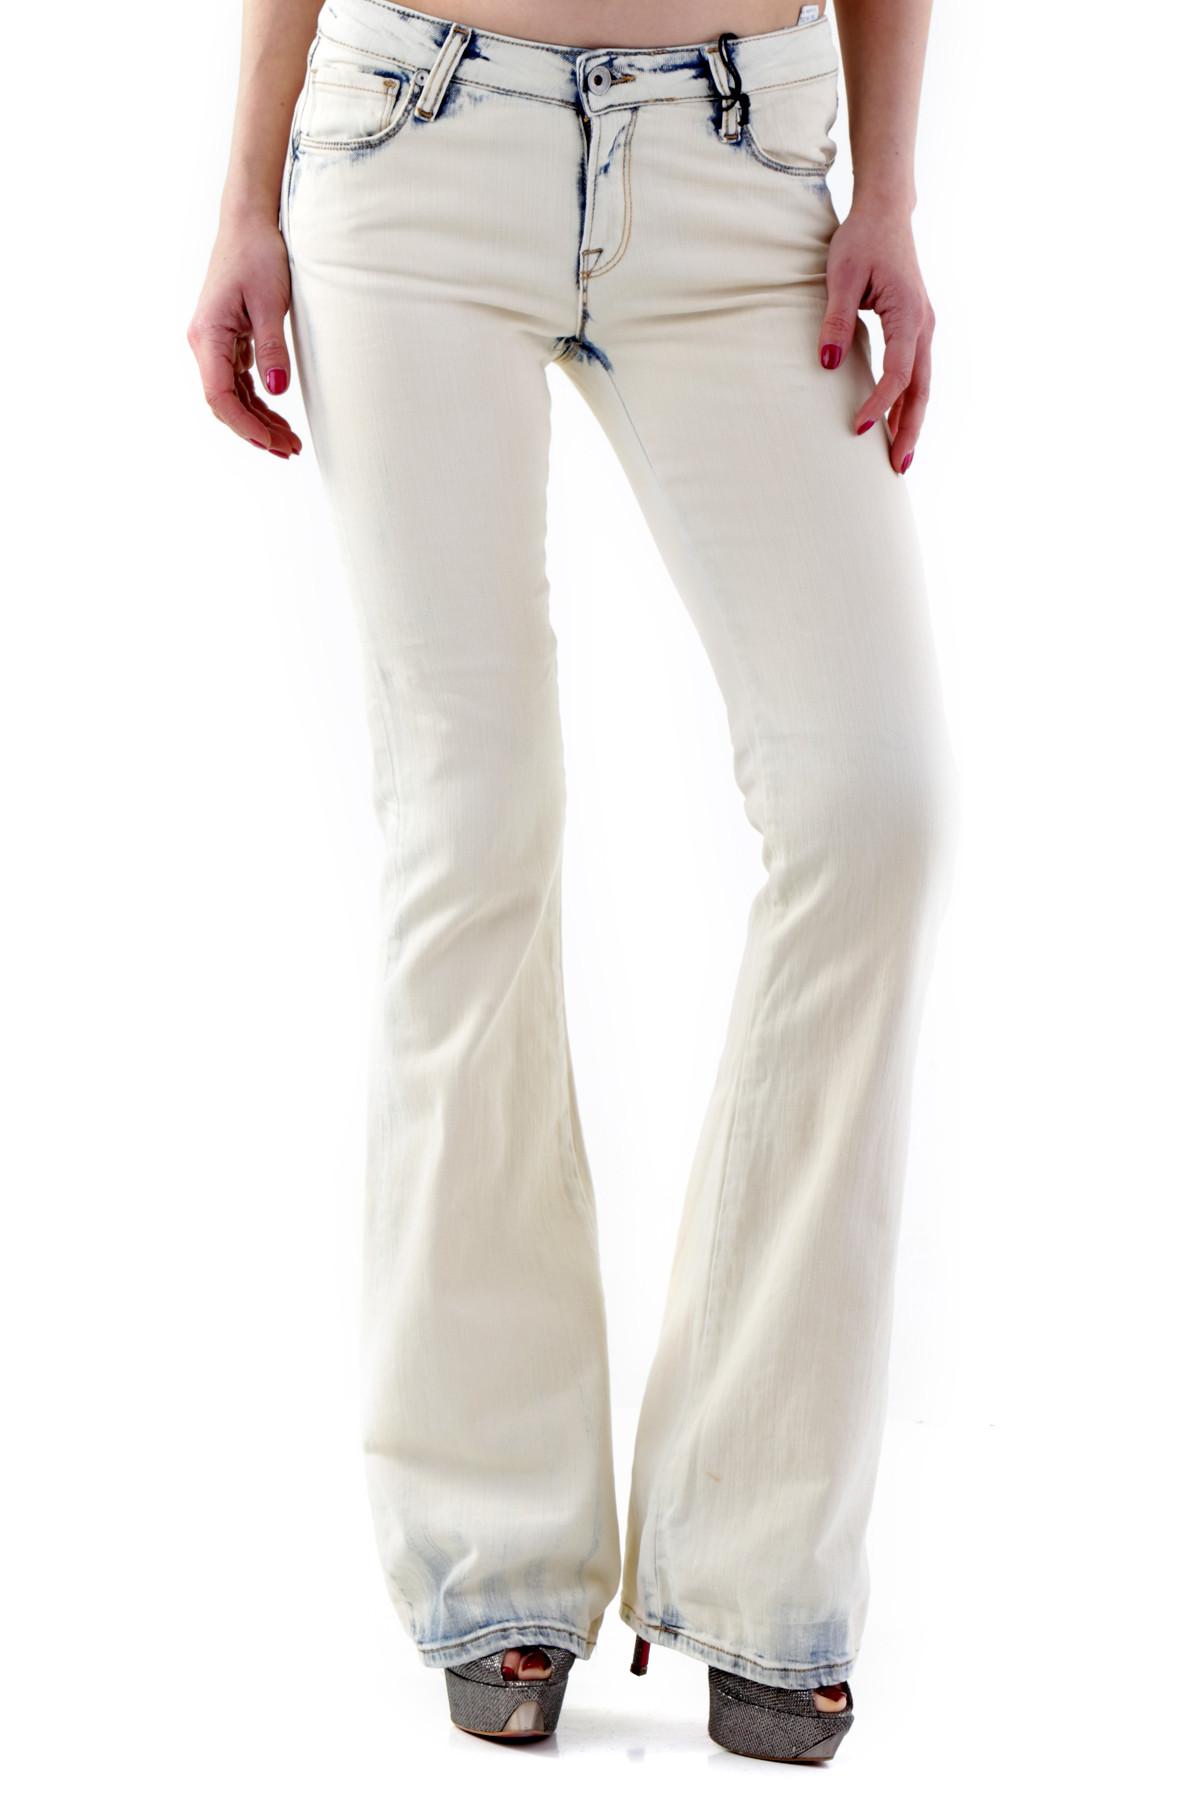 Marchio 525 Genere Donna Tipologia Jeans Stagione Tutte le stagioni  DETTAG…